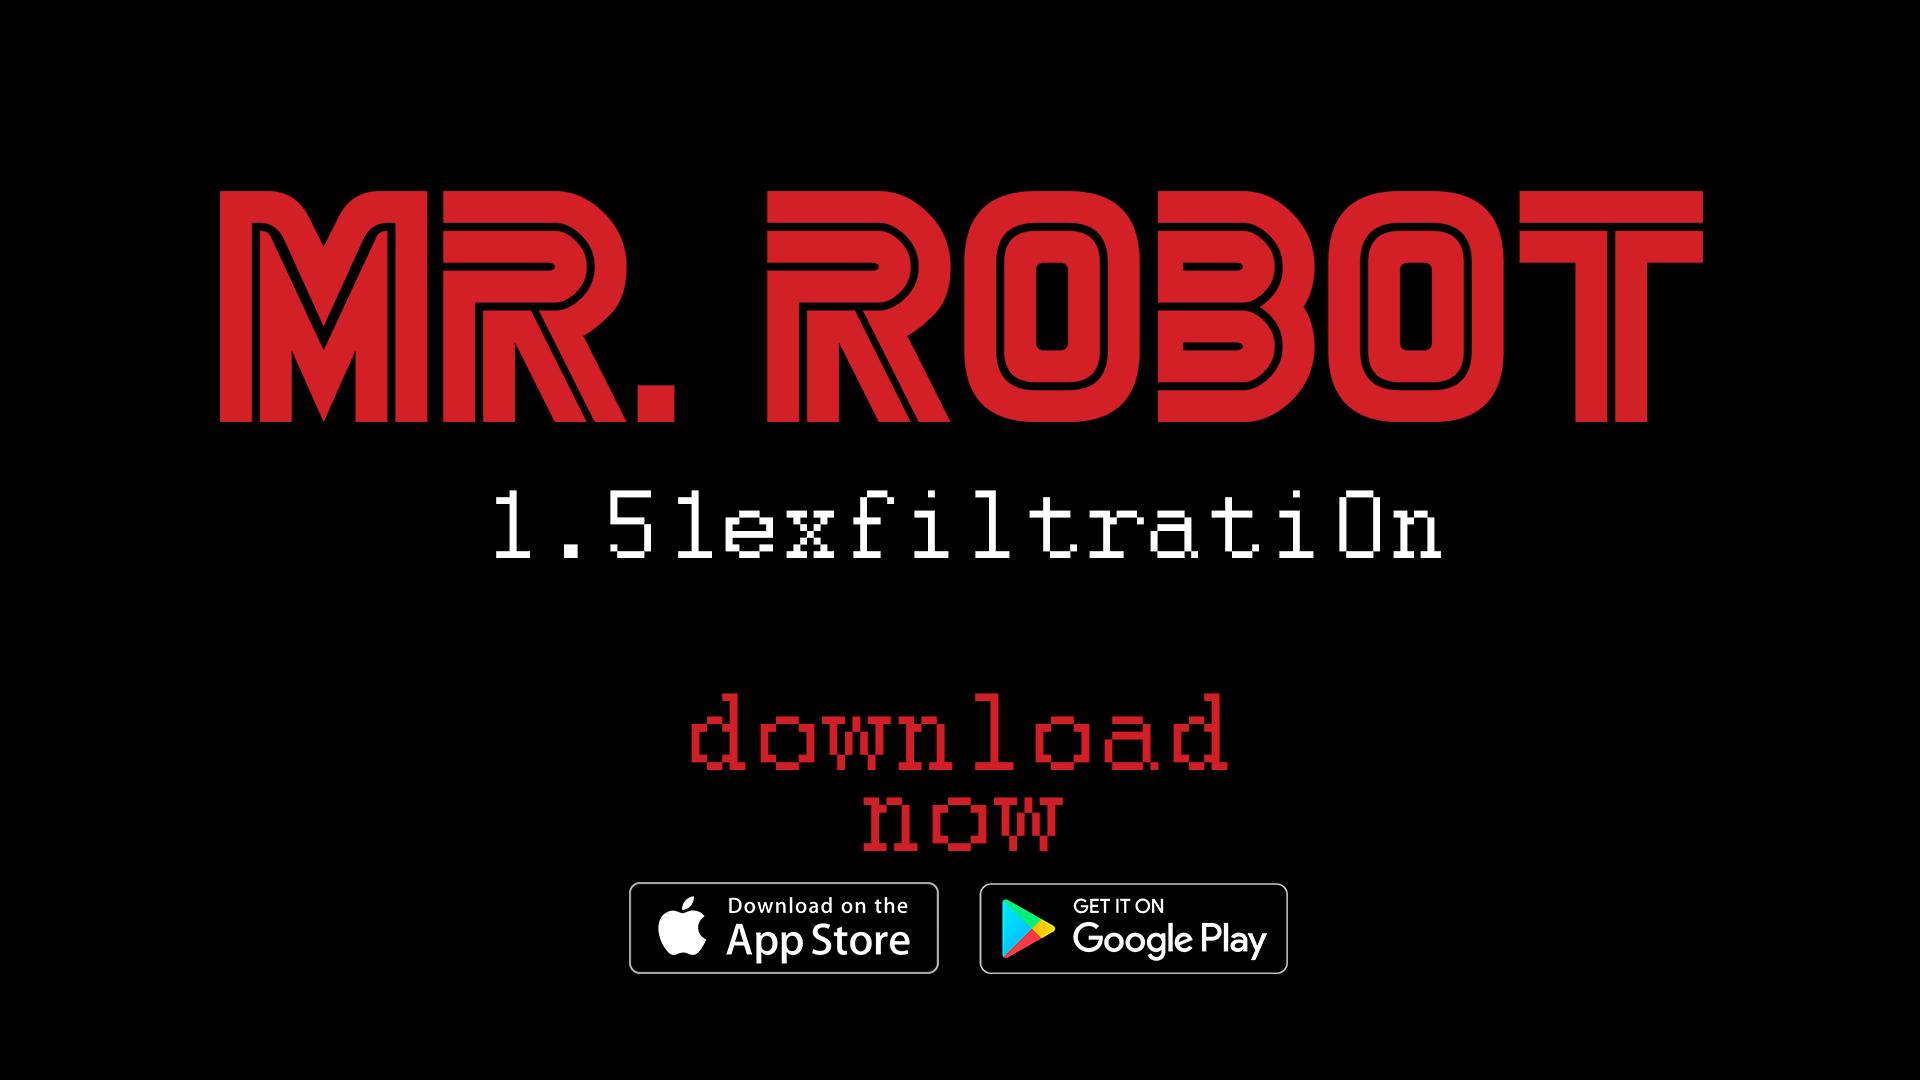 Telltale rilascia il gioco di Mr. Robot su mobile